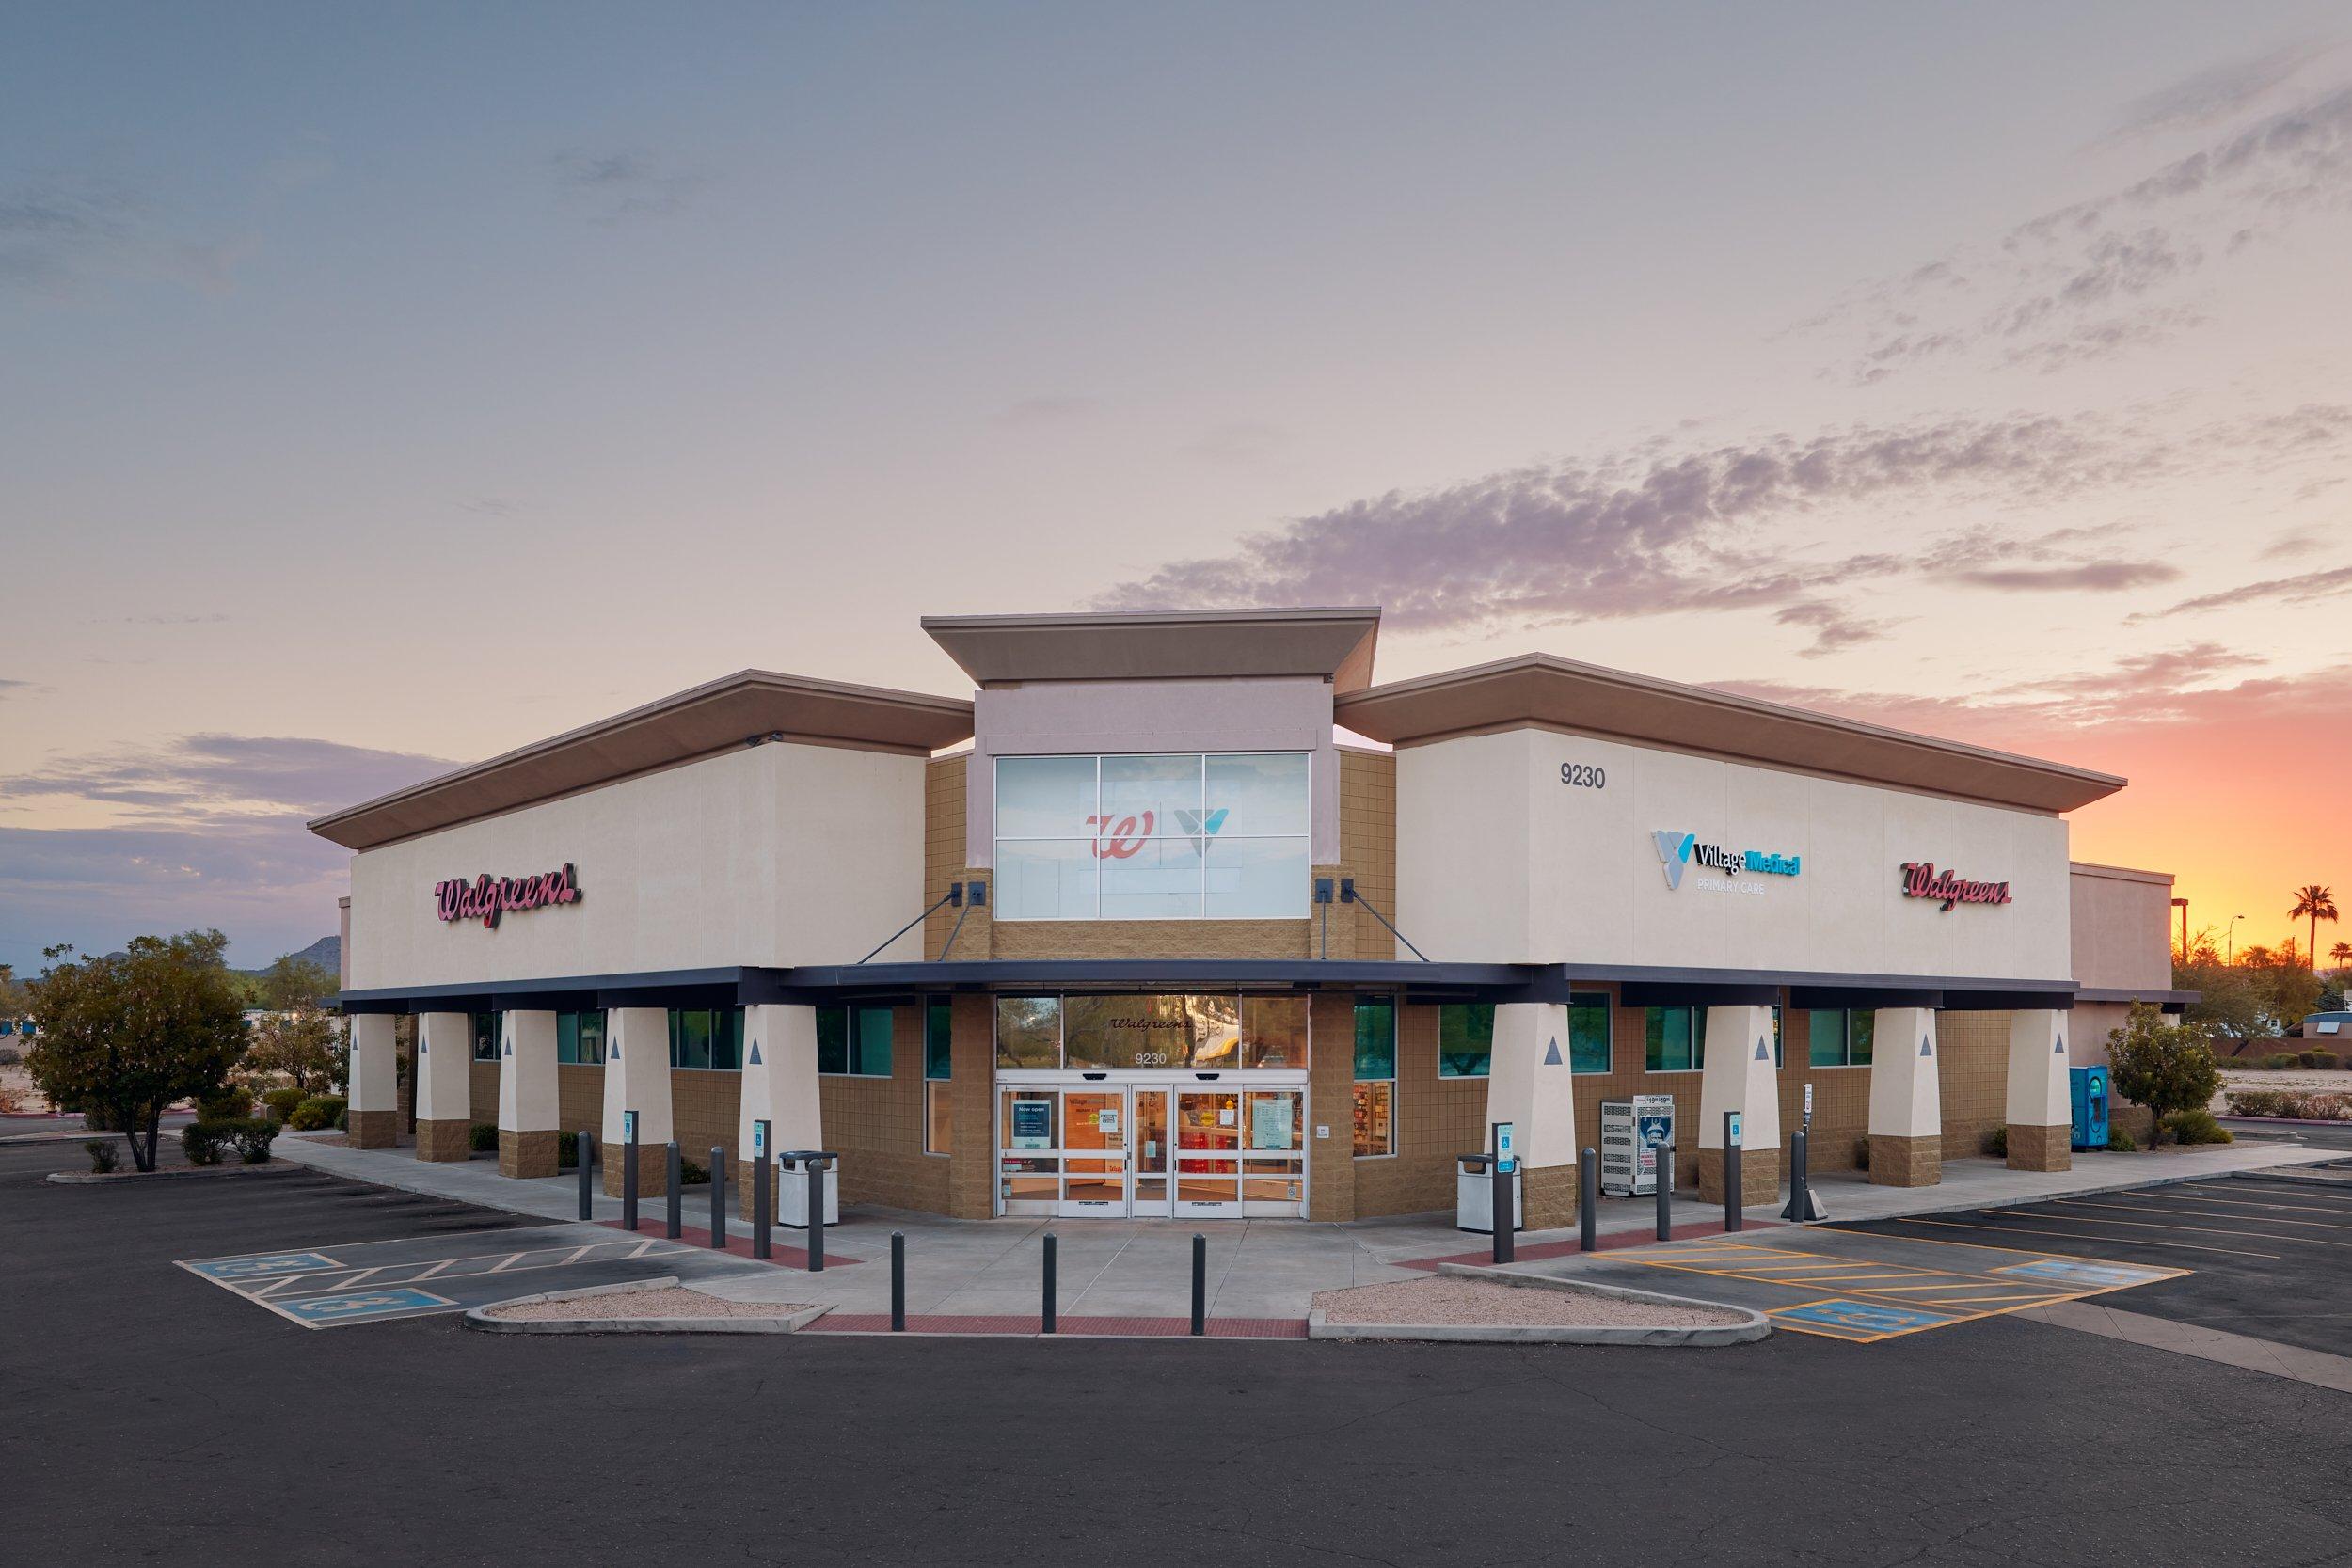 Village Medical at Walgreens - 9230 E. Main St.  Mesa, AZ 85207